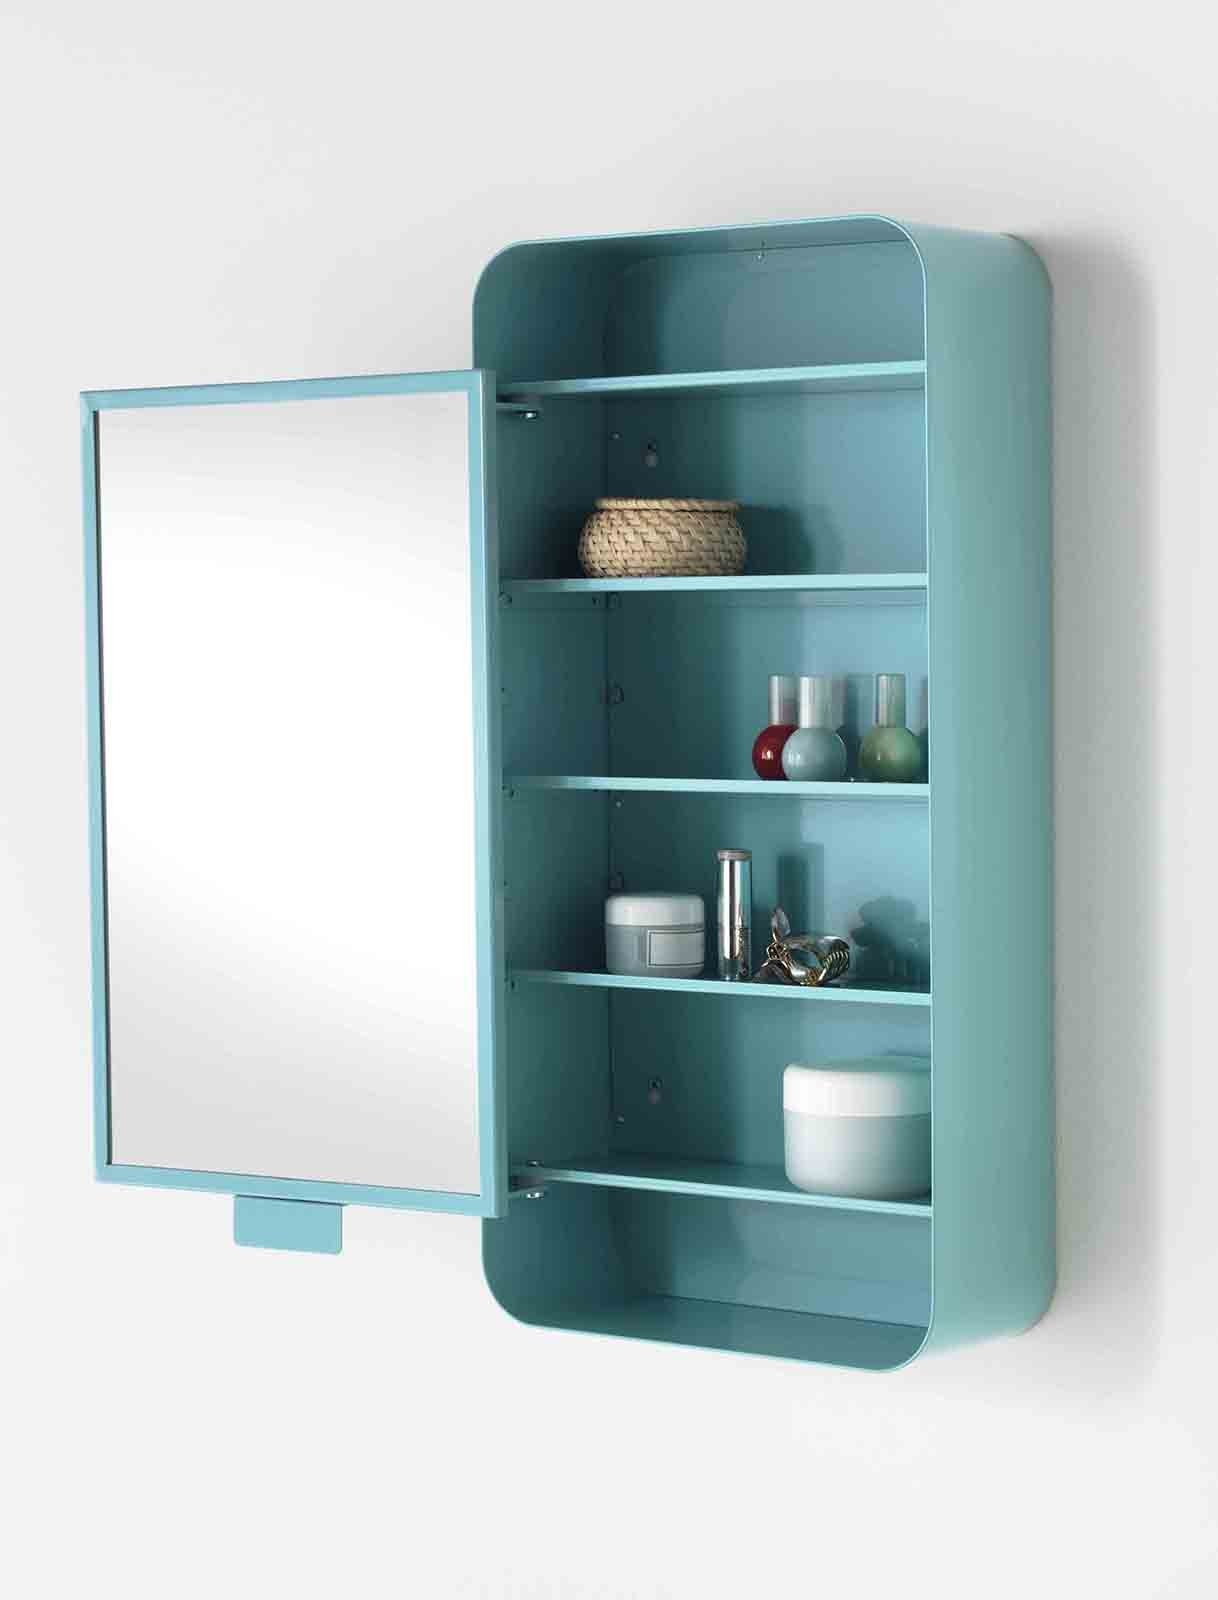 Mobili Bagno Ikea Prezzi: Camere per ragazzi e prezzi. Lavabo ...